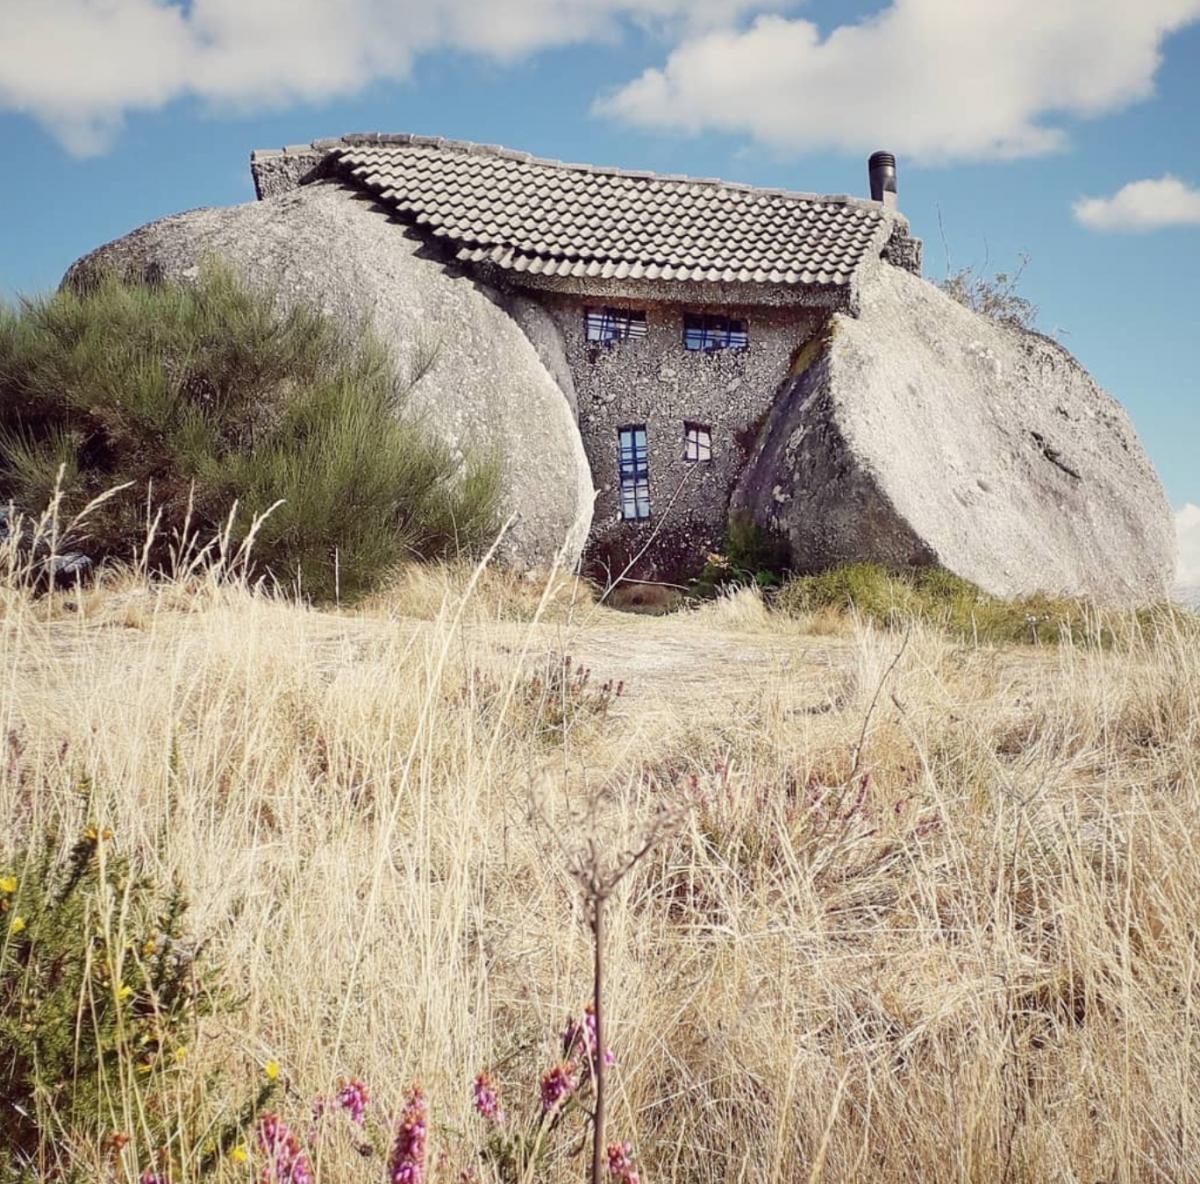 'Ngôi nhà' - thực chất là một công trình điêu khắc - được xây dựng dựa vào hai khối đá lớn, kết hợp tạo thành trần và tường 'nhà'